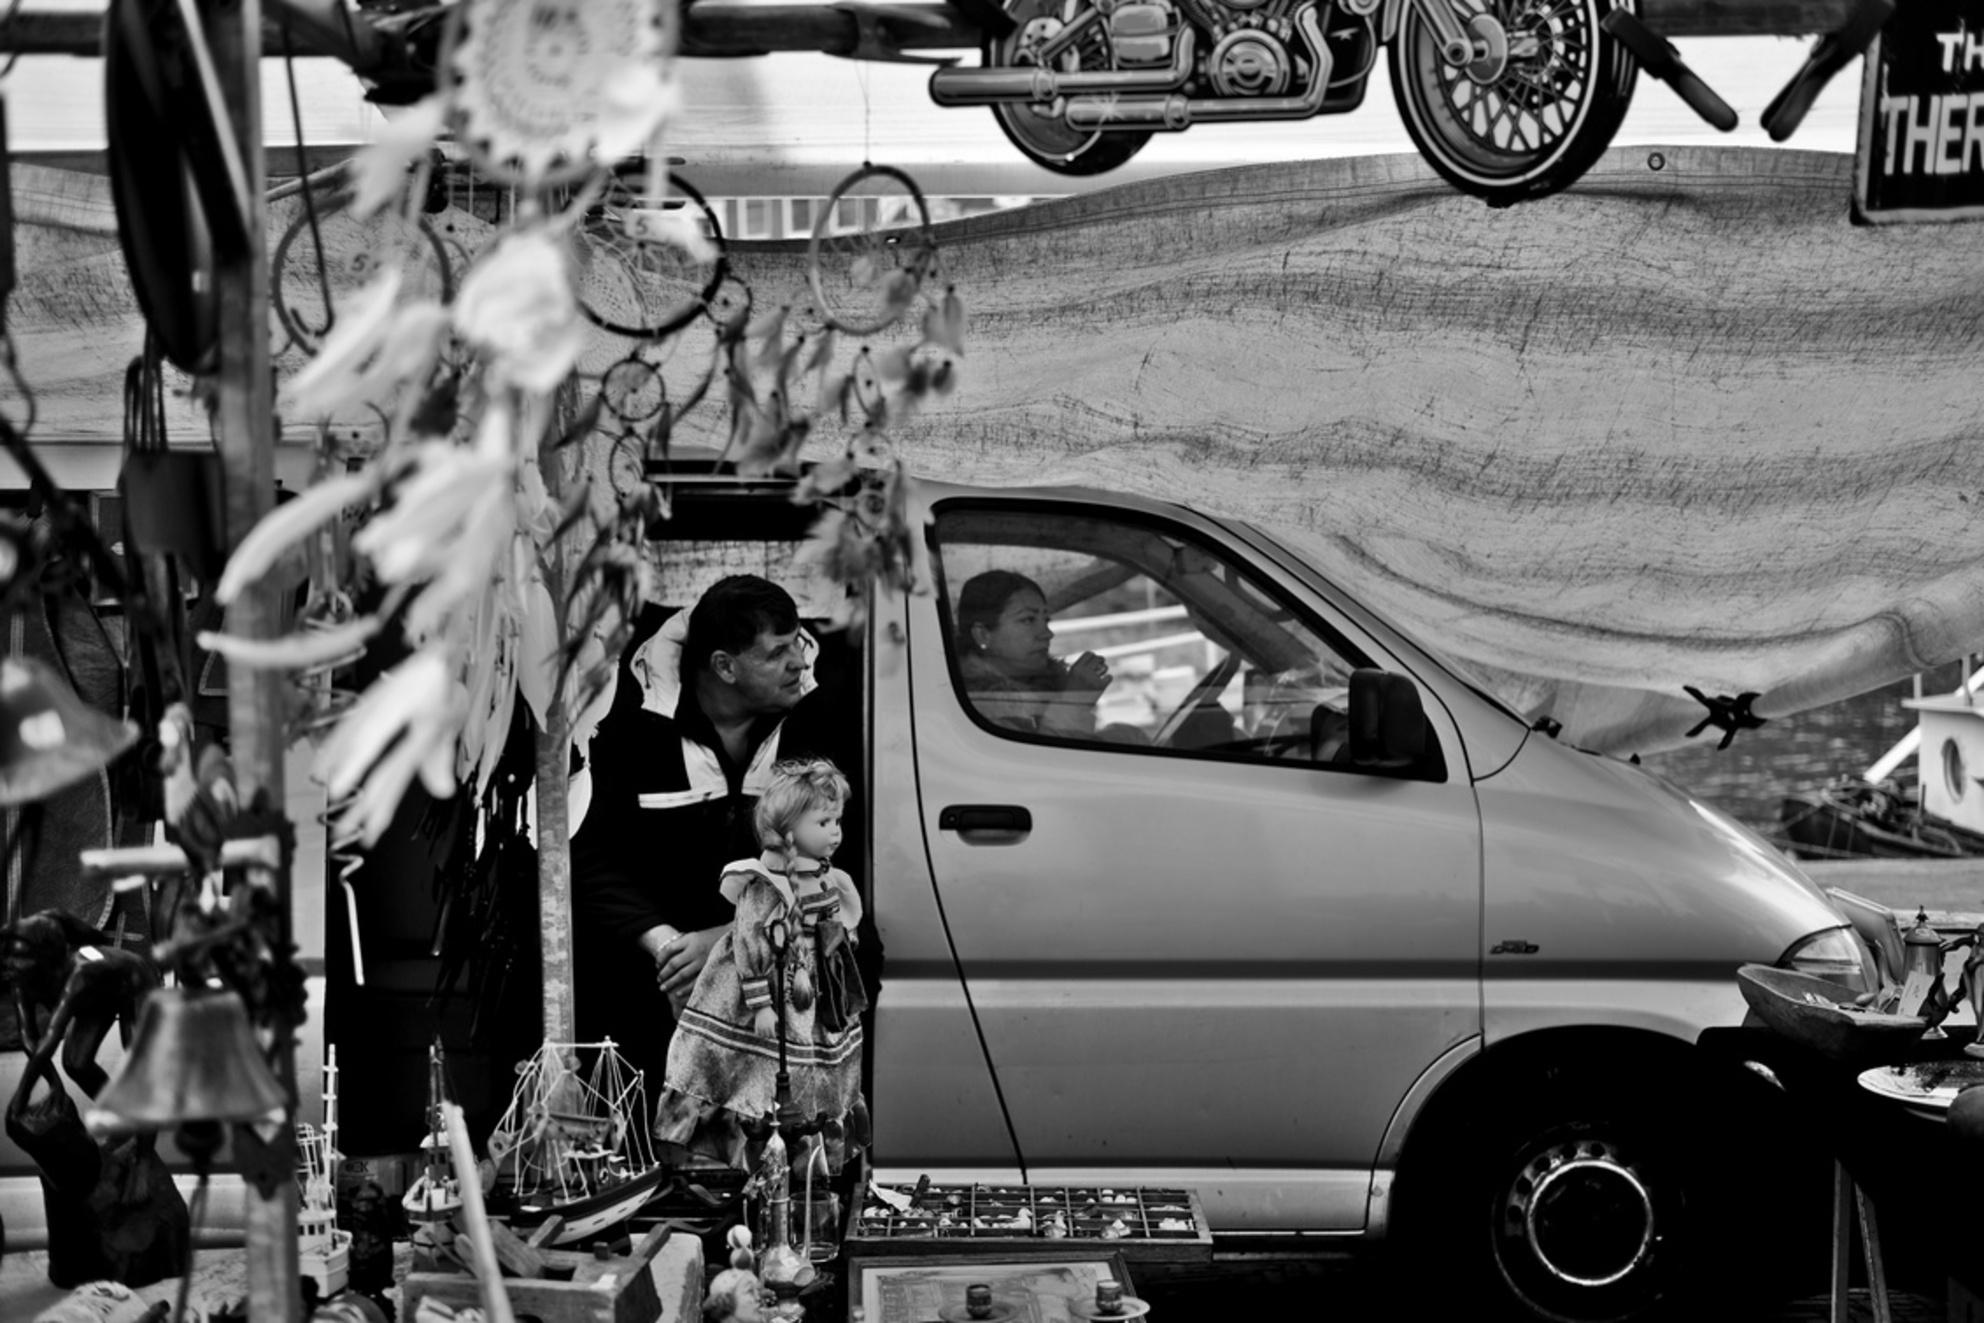 Wachtende - Ik ben net nieuw in Amsterdam en nu al verliefd op de Waterlooplein markt, wat een drukke, dynamische en interessante plek om foto's te maken. Ben he - foto door Casnils op 28-10-2020 - deze foto bevat: oud, man, mensen, amsterdam, straat, markt, auto, zwartwit, plein, straatfotografie, centrum